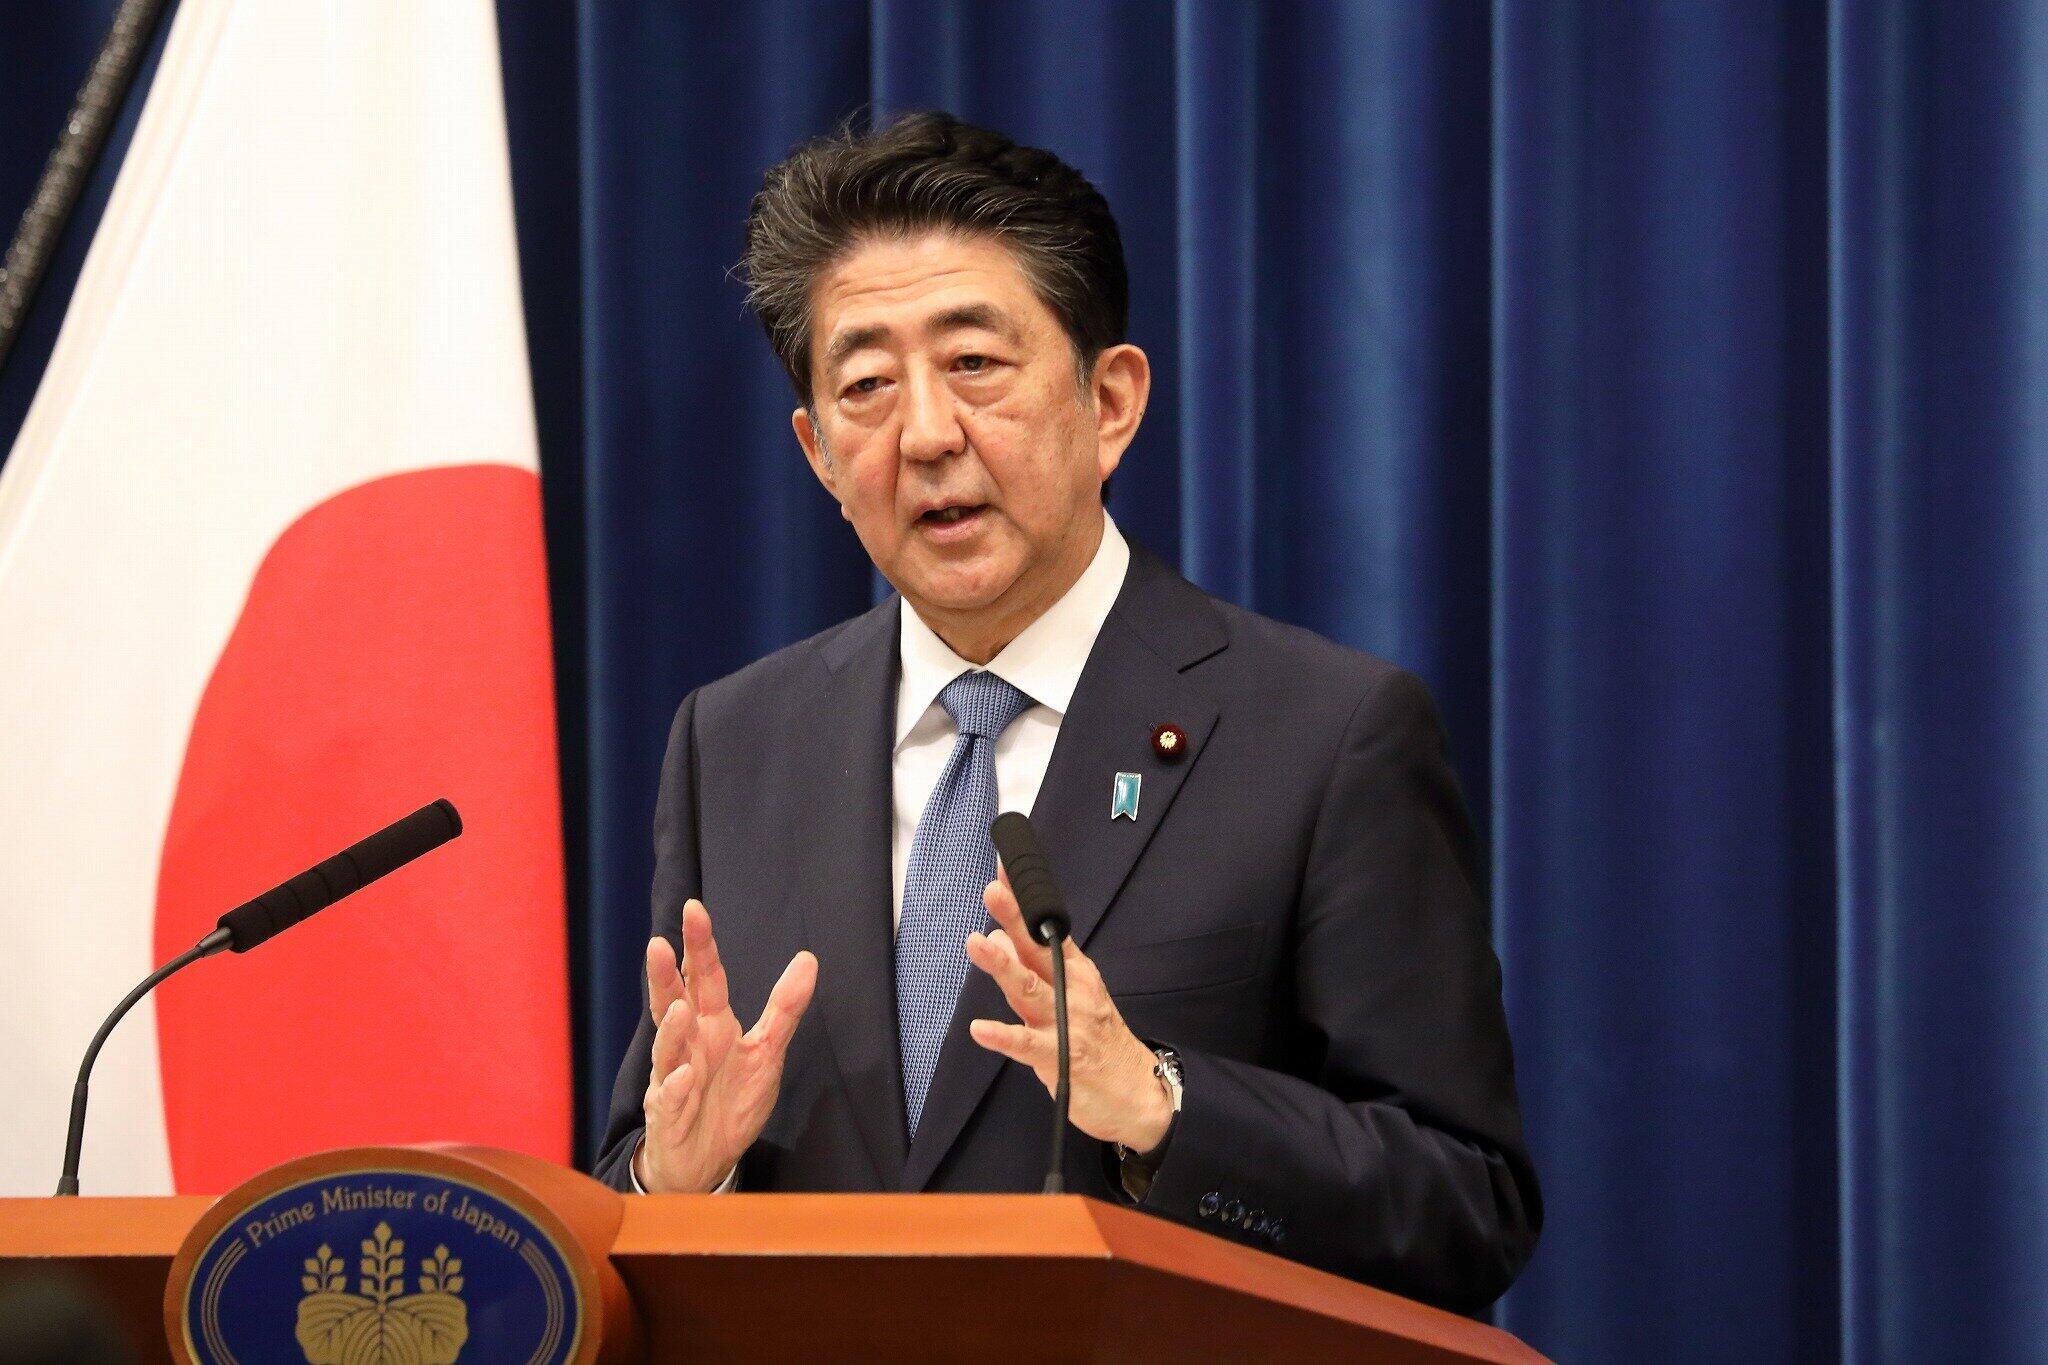 安倍晋三の「桜を見る会」事件が永田町を震撼させている。東京地検特捜部が安倍の事情聴取に踏み込むのか、特捜部にその